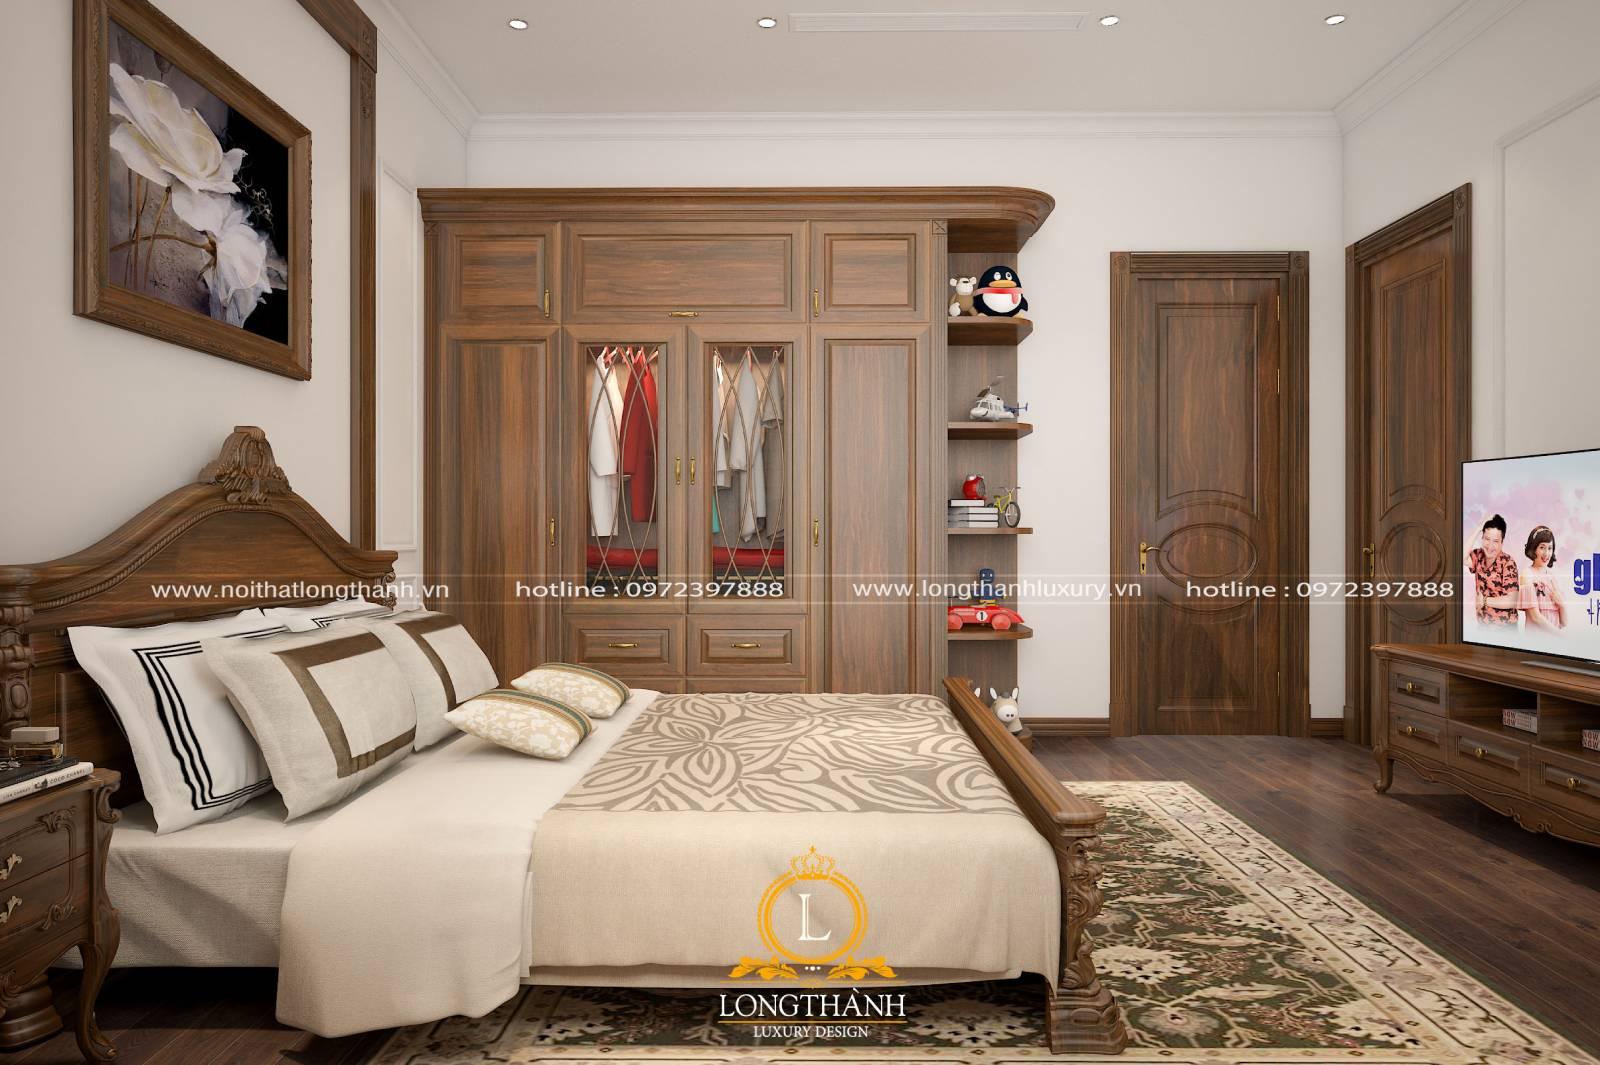 Sản phẩm cửa gỗ lim cao cấp cho không gian phòng ngủ sang trọng